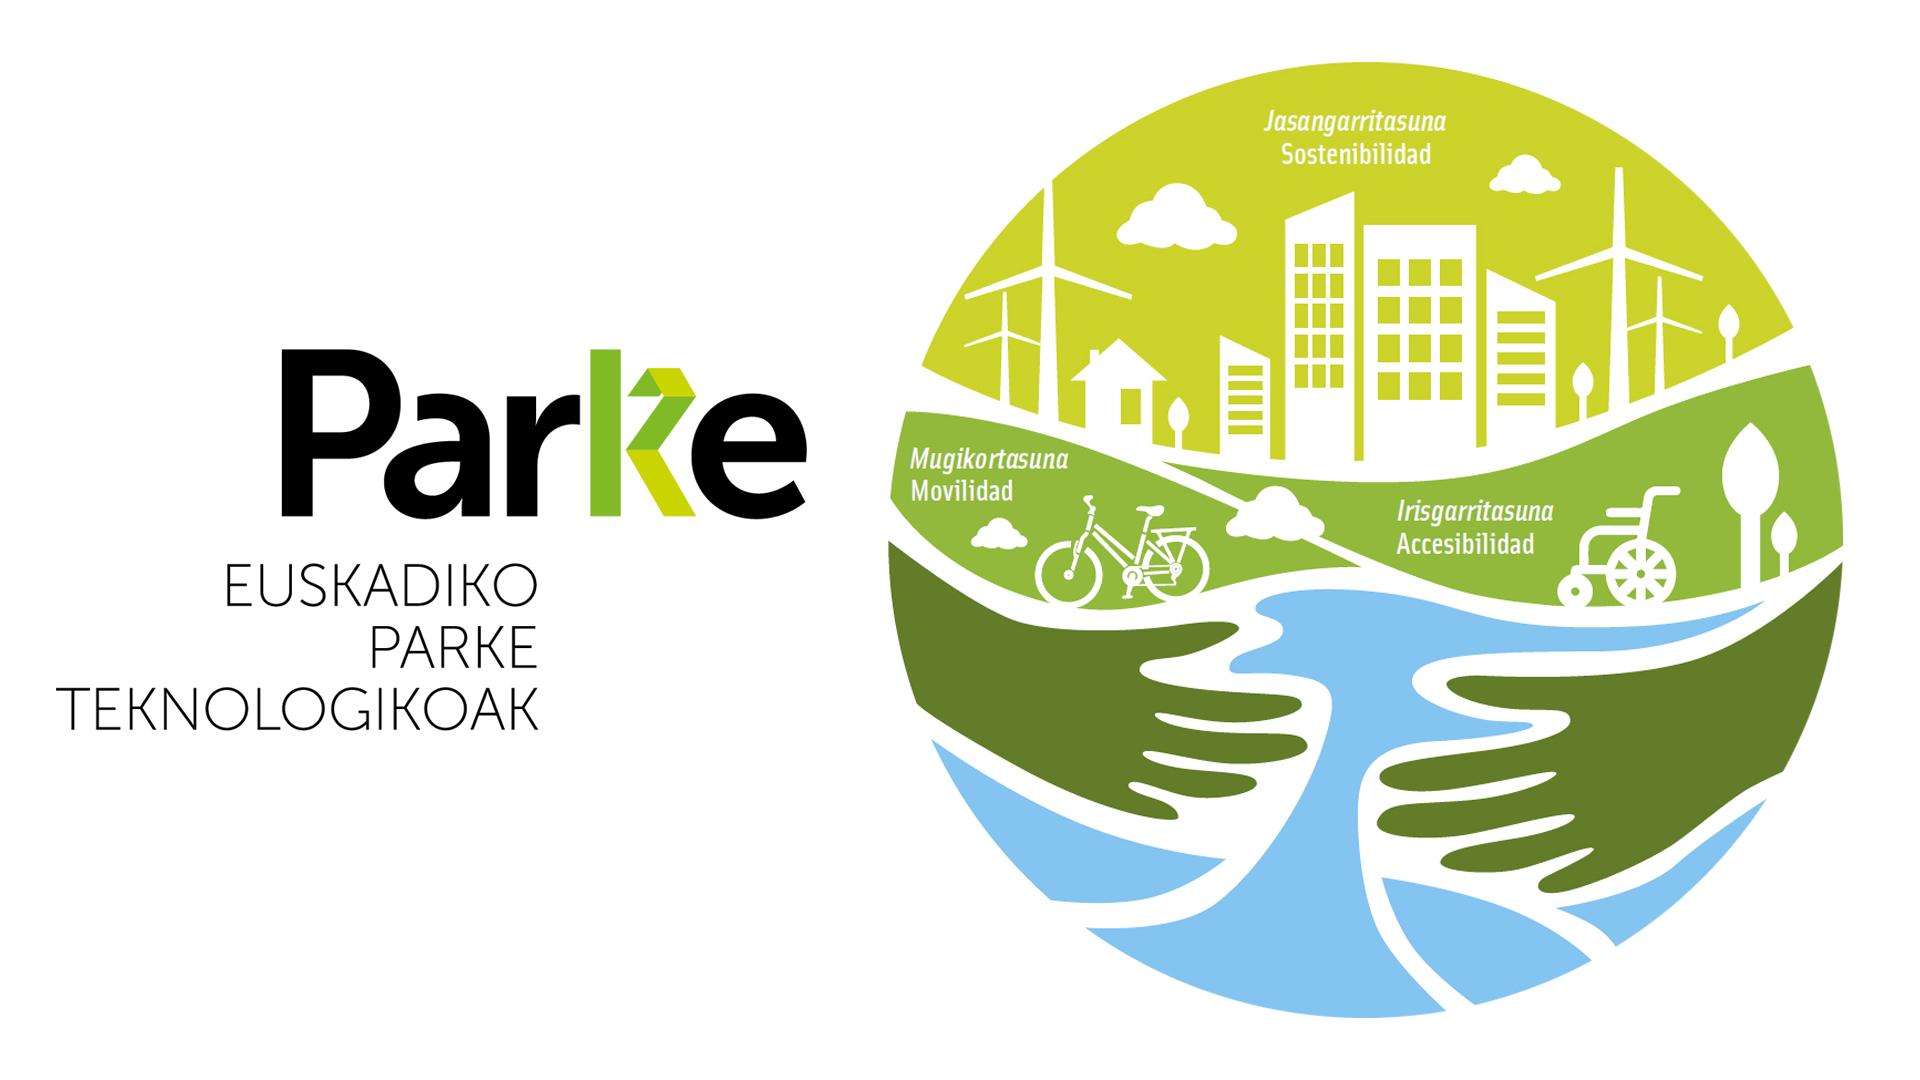 LKS KREAN desarrolla para la Red de Parques Tecnológicos su plan de acción en sostenibilidad ambiental